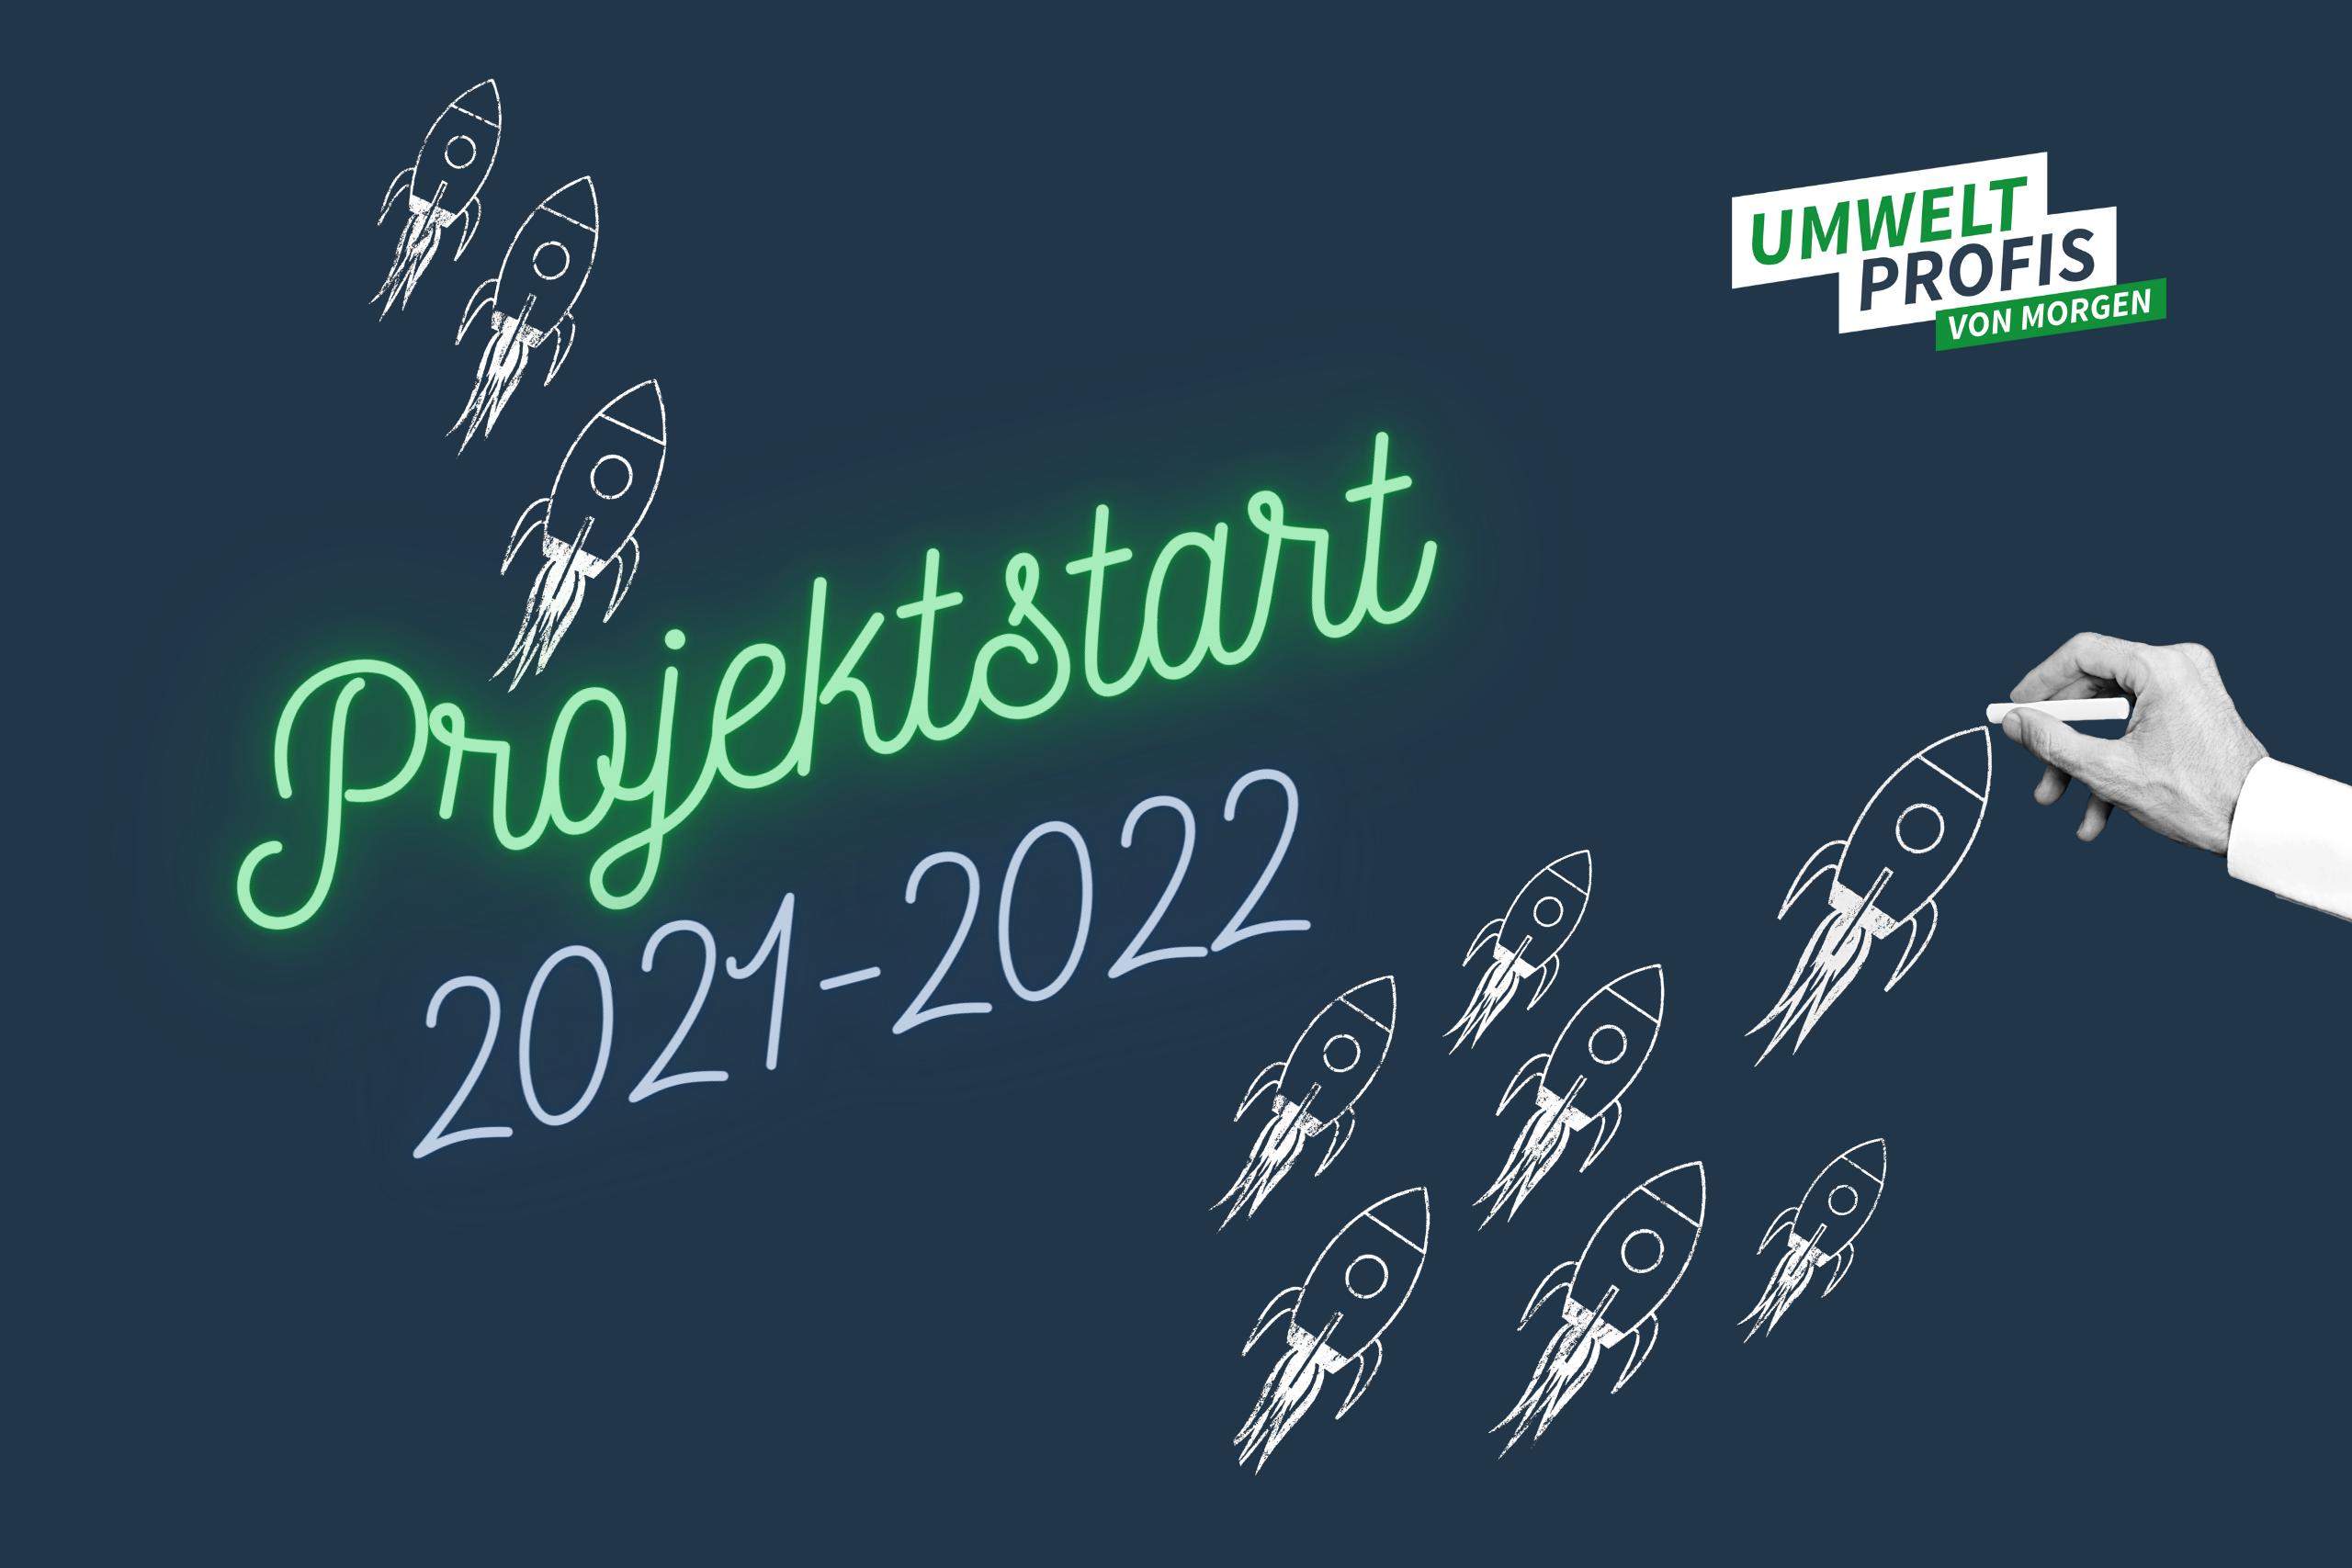 Projektauftakt 2021-22